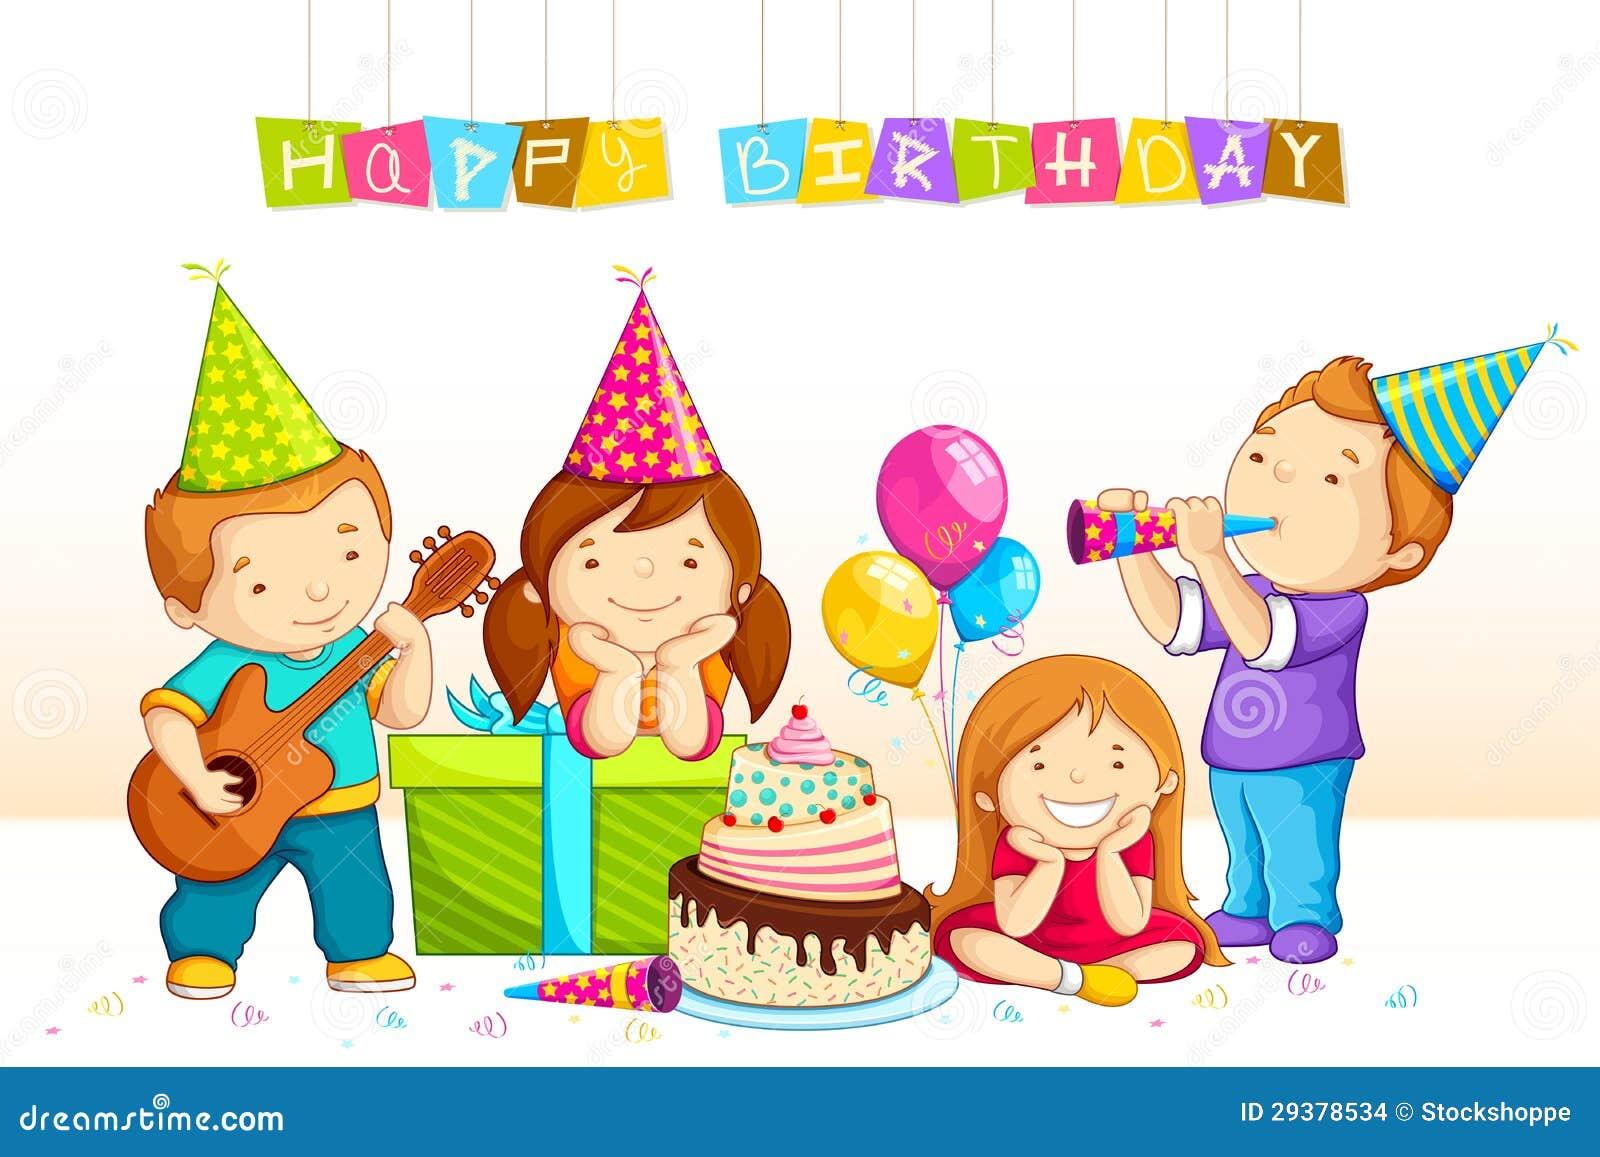 Рисунок нарисовать день рождения для детей